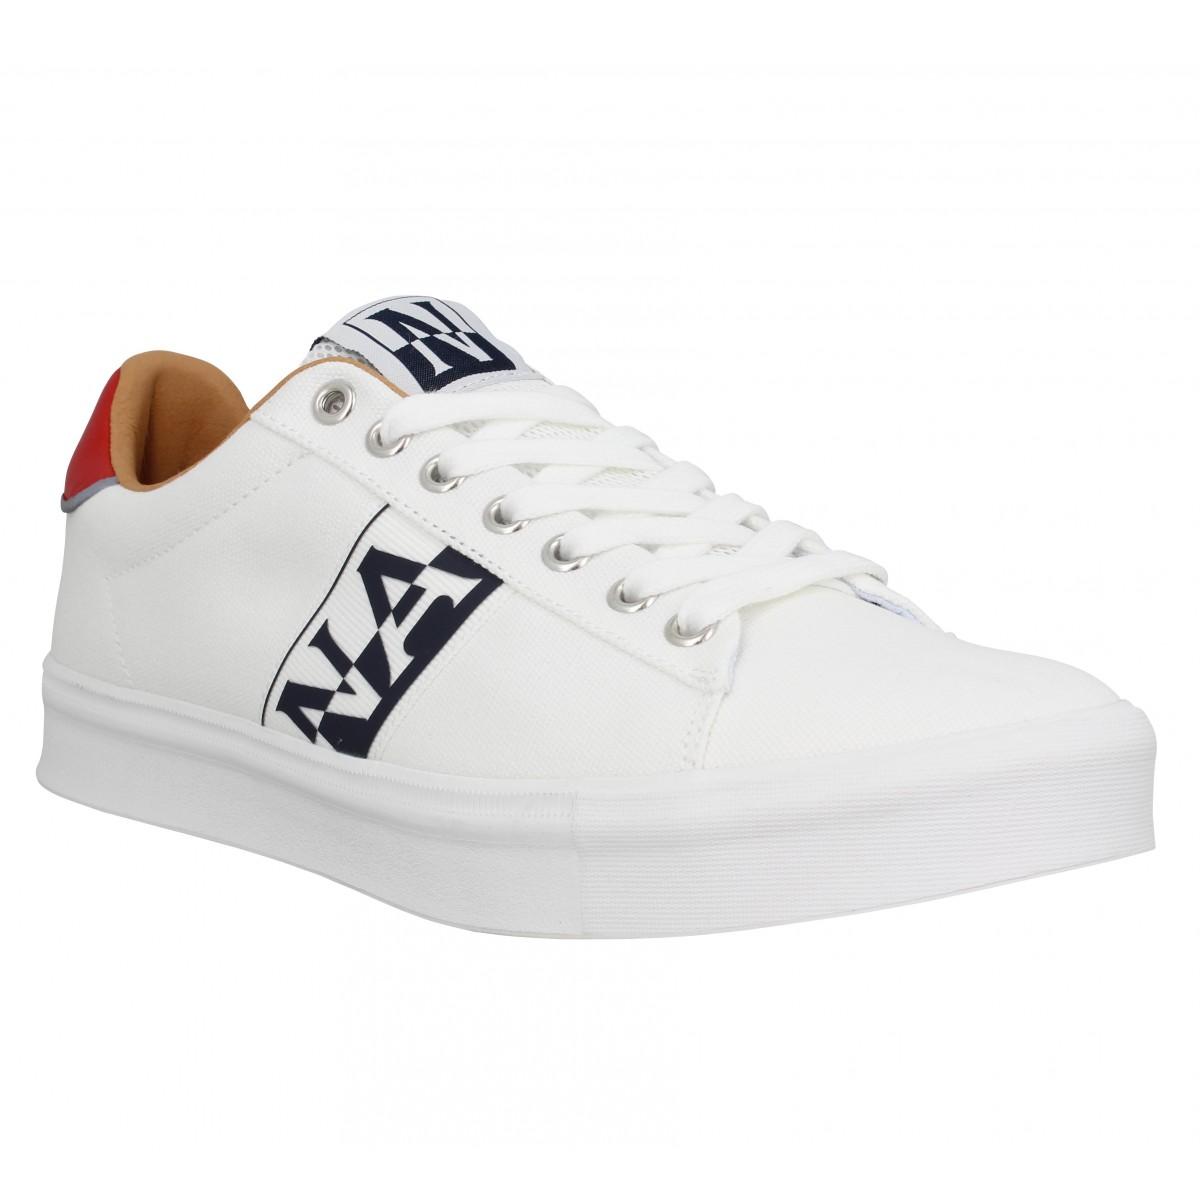 Baskets NAPAPIJRI Canvas Sneaker toile Homme Blanc